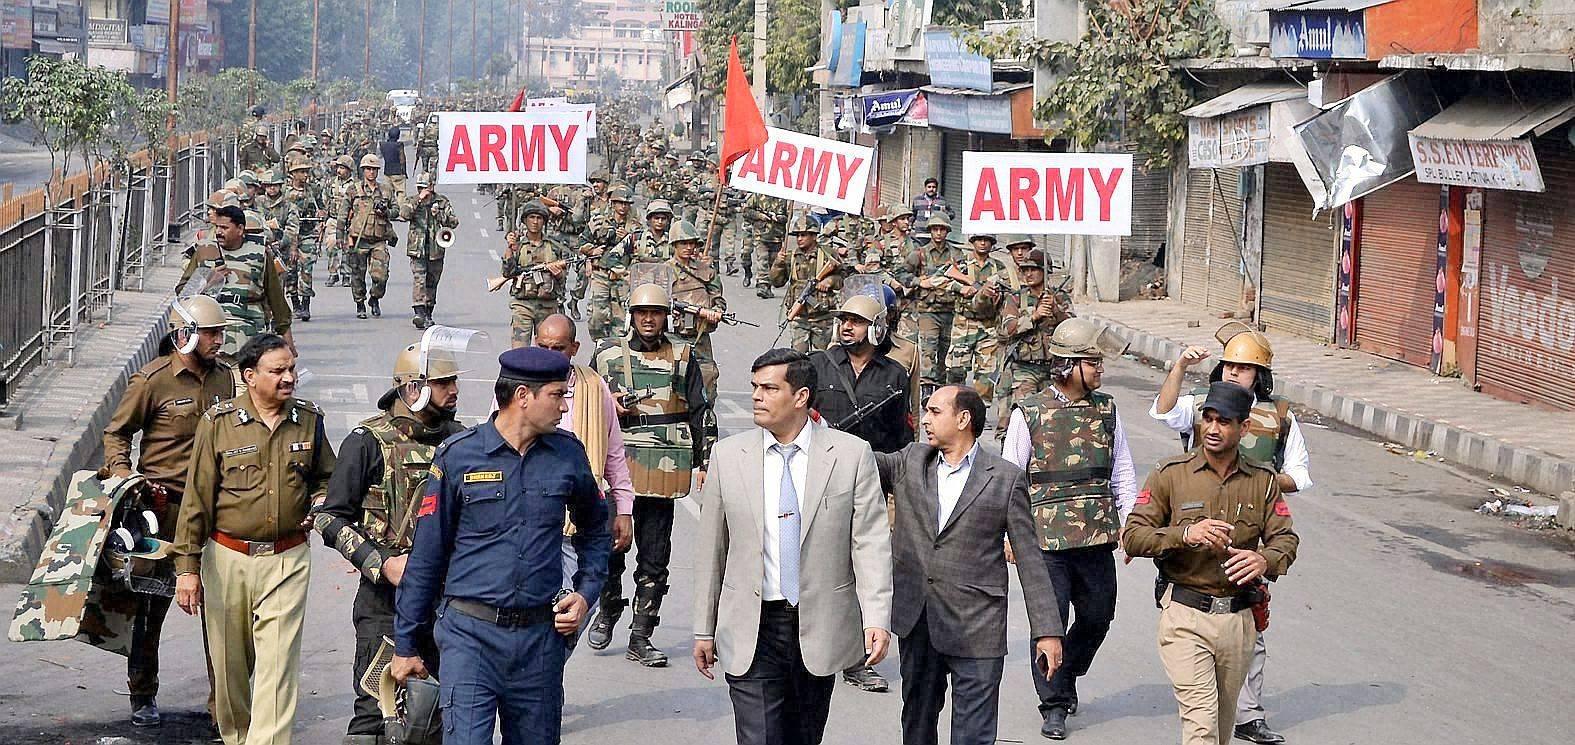 哈里亚纳邦向骚乱地区增兵